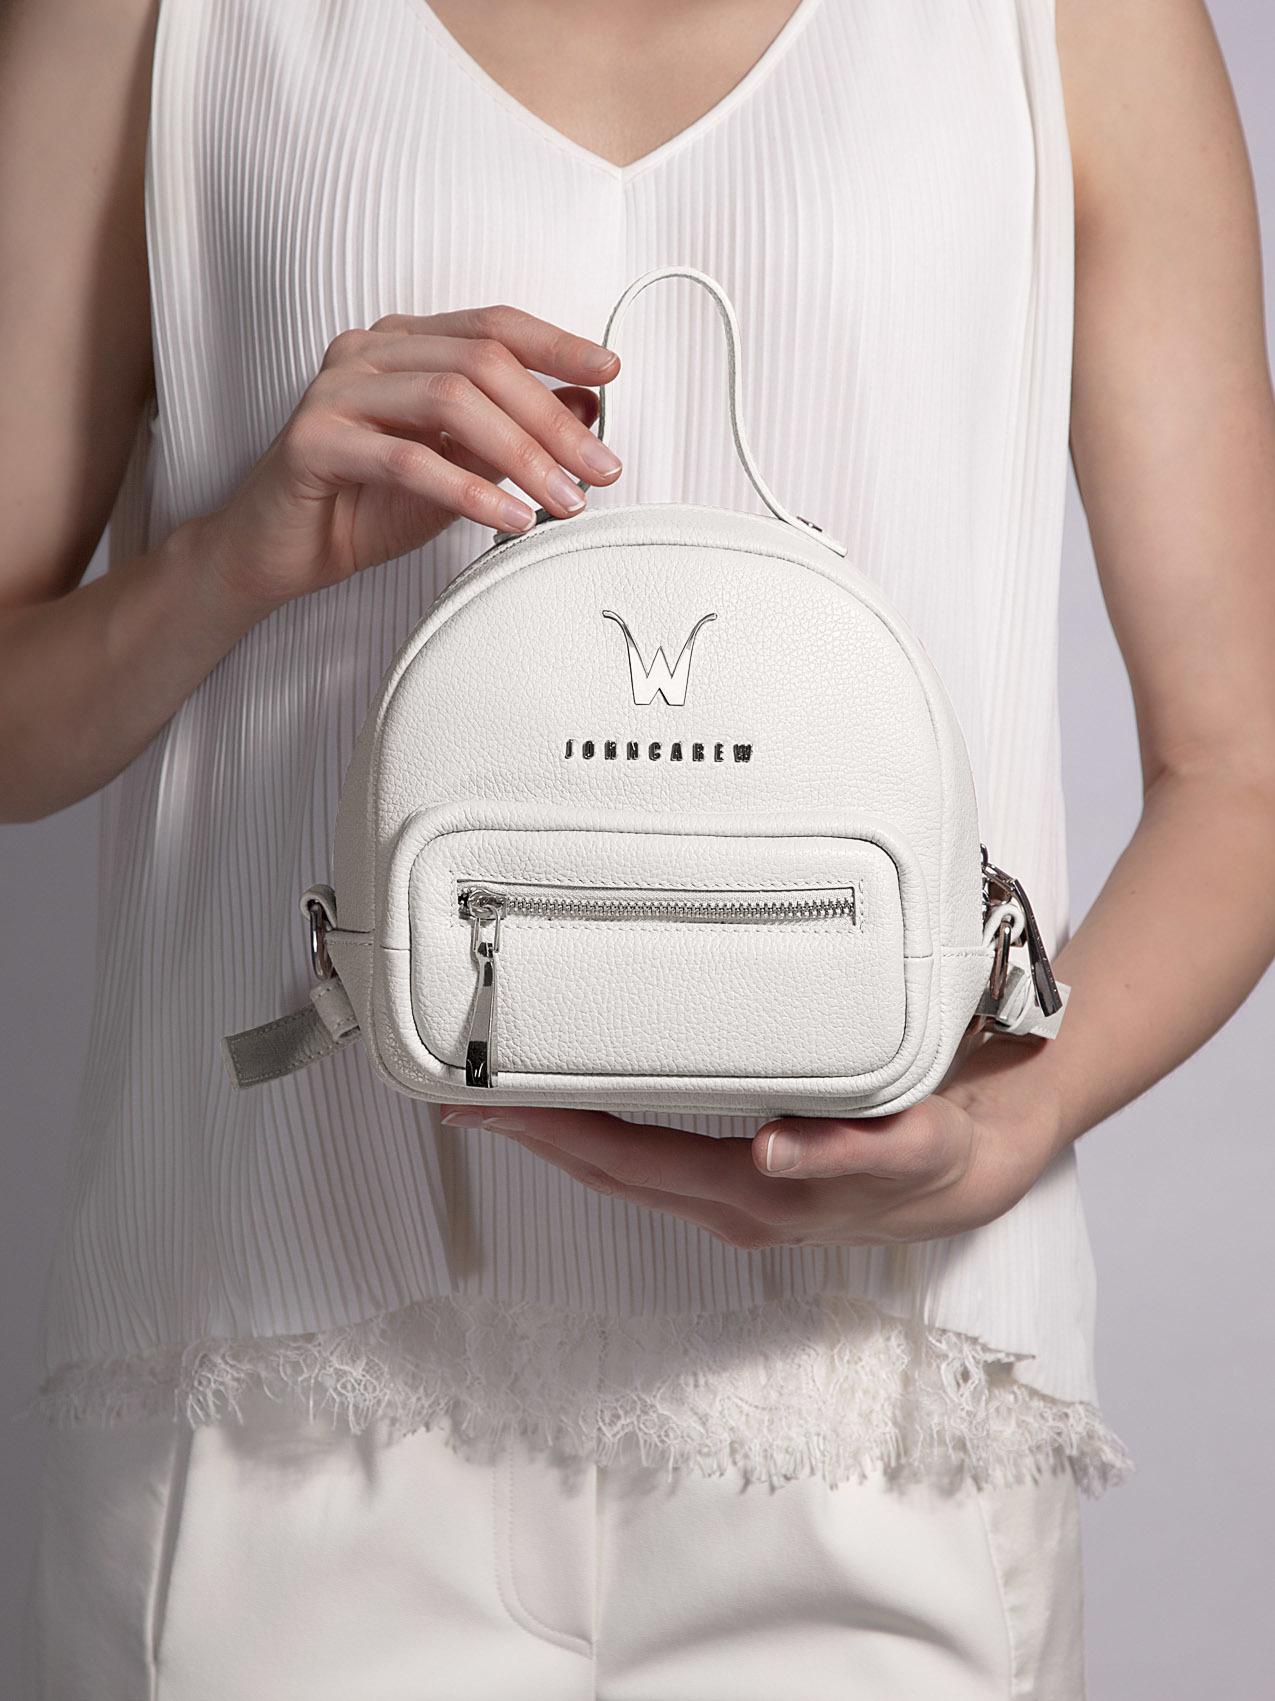 Как носить рюкзак правильно: в любом возрасте и с любым покроем одежды